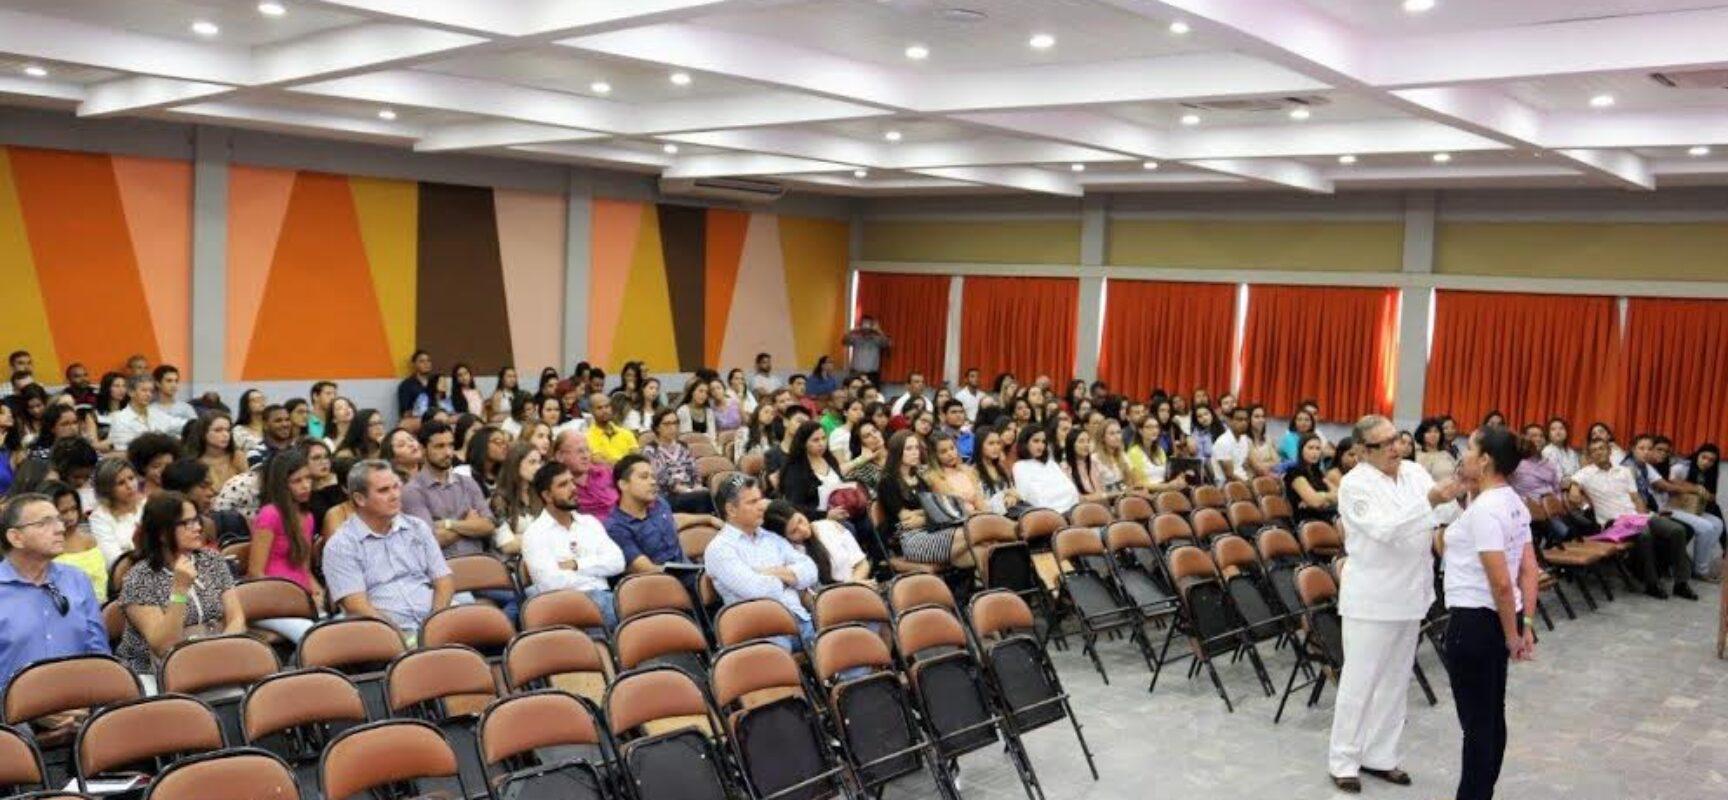 Meeting de Odontologia da Faculdade de Ilhéus recebe José Mondelli, um destaque na estética odontológica no País